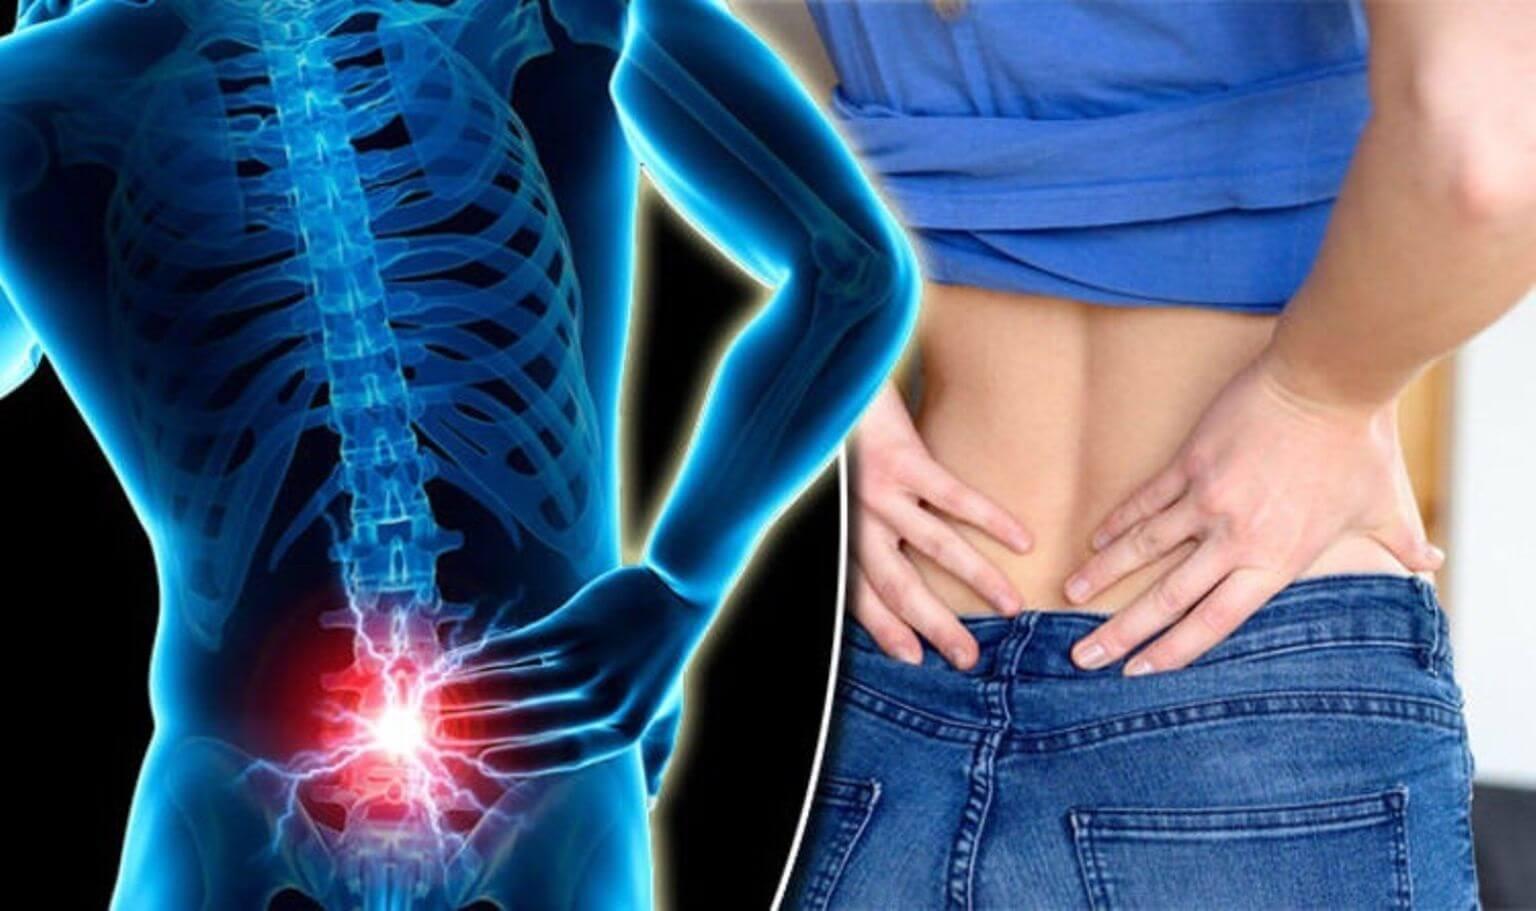 Ghi nhớ ngay 3 bài thuốc giúp giảm đau thắt lưng hiệu quả tại nhà - 1